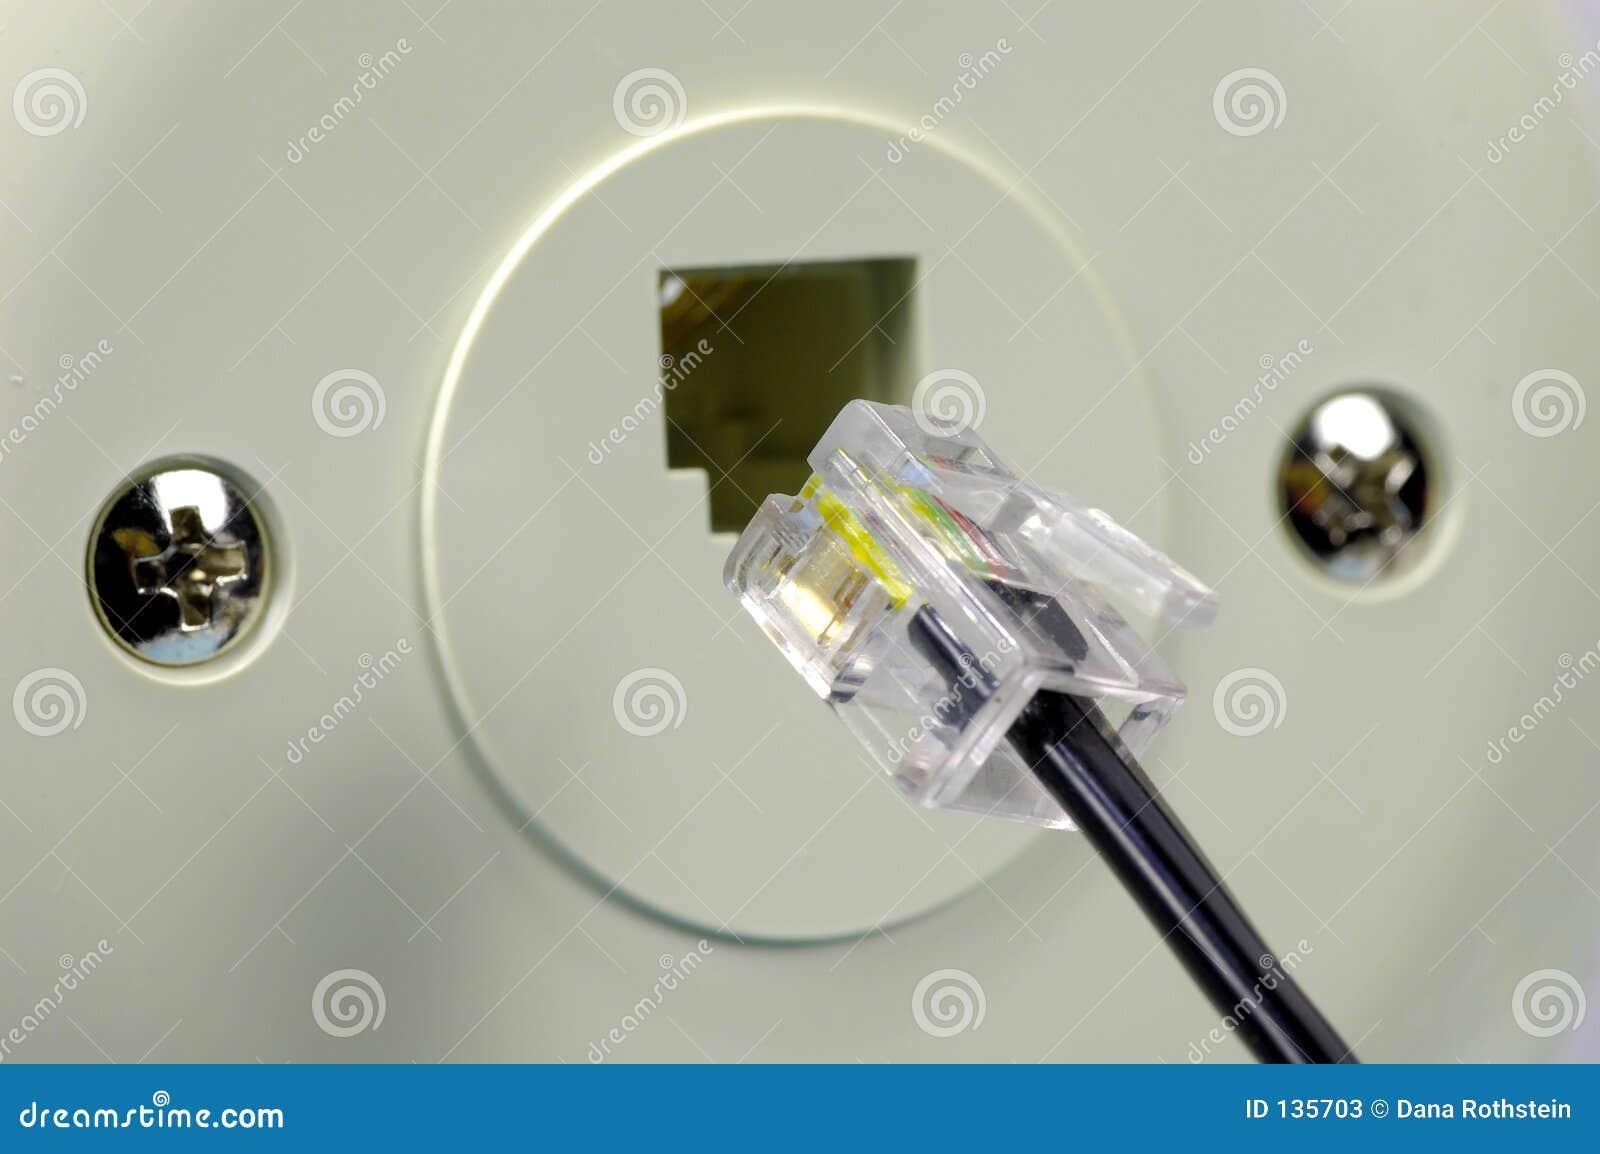 Telephone Jack stock image Image of technology